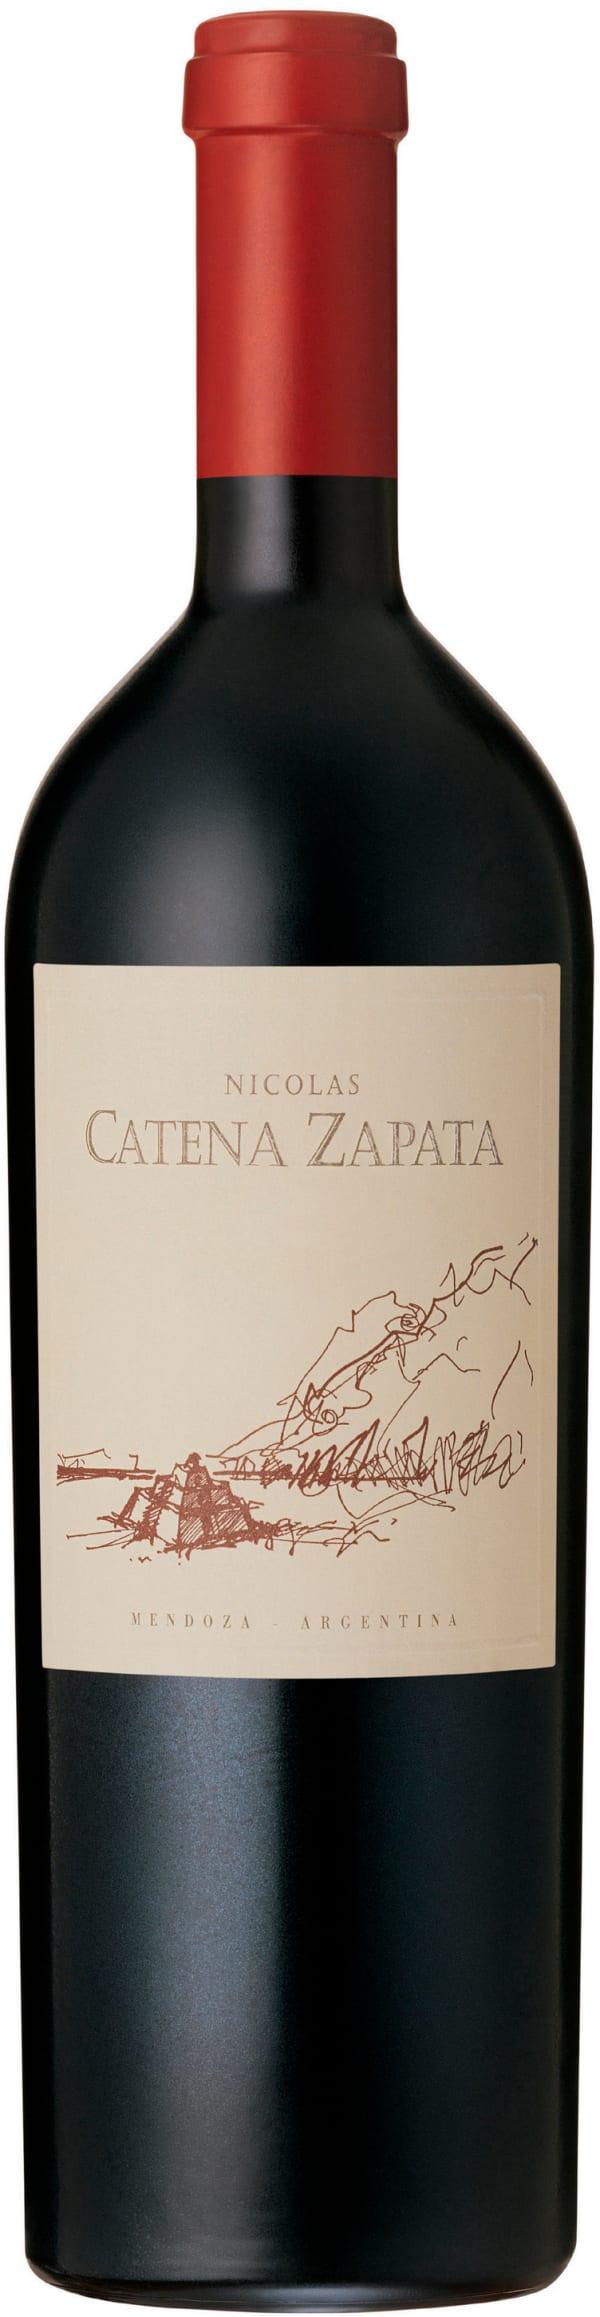 Nicolas Catena Zapata 2014